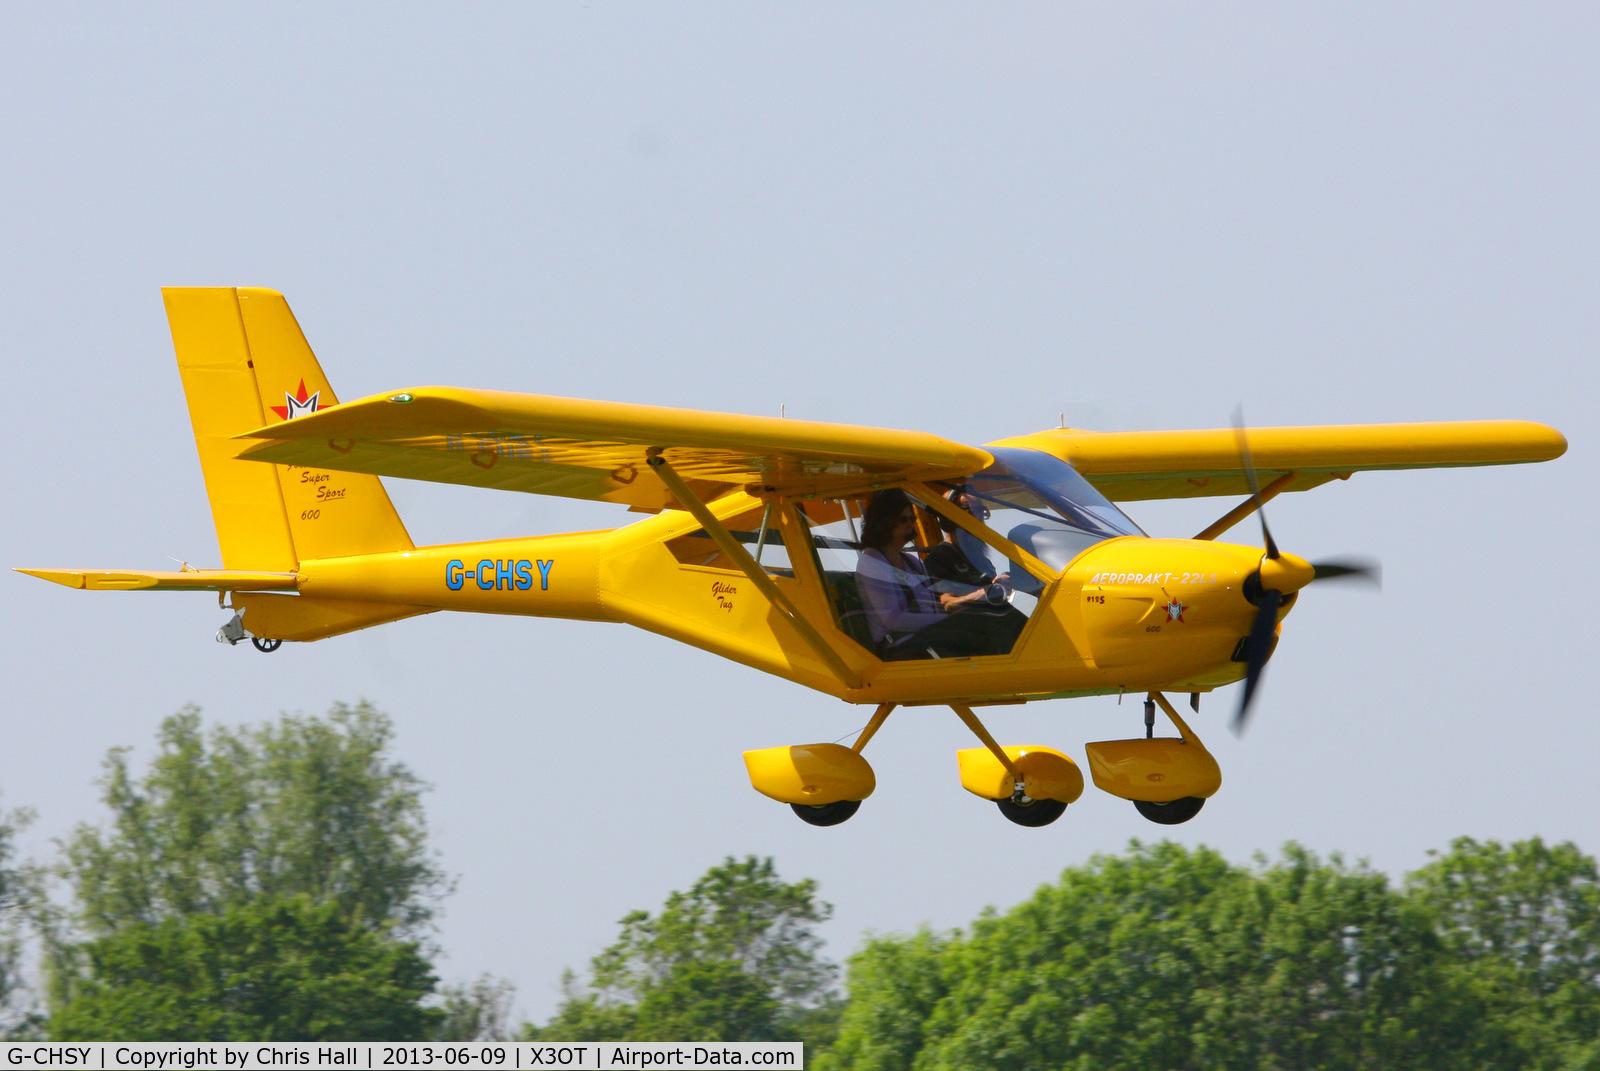 G-CHSY, 2013 Aeroprakt A22LS Foxbat C/N LAA 317B-15186, at Otherton Airfield